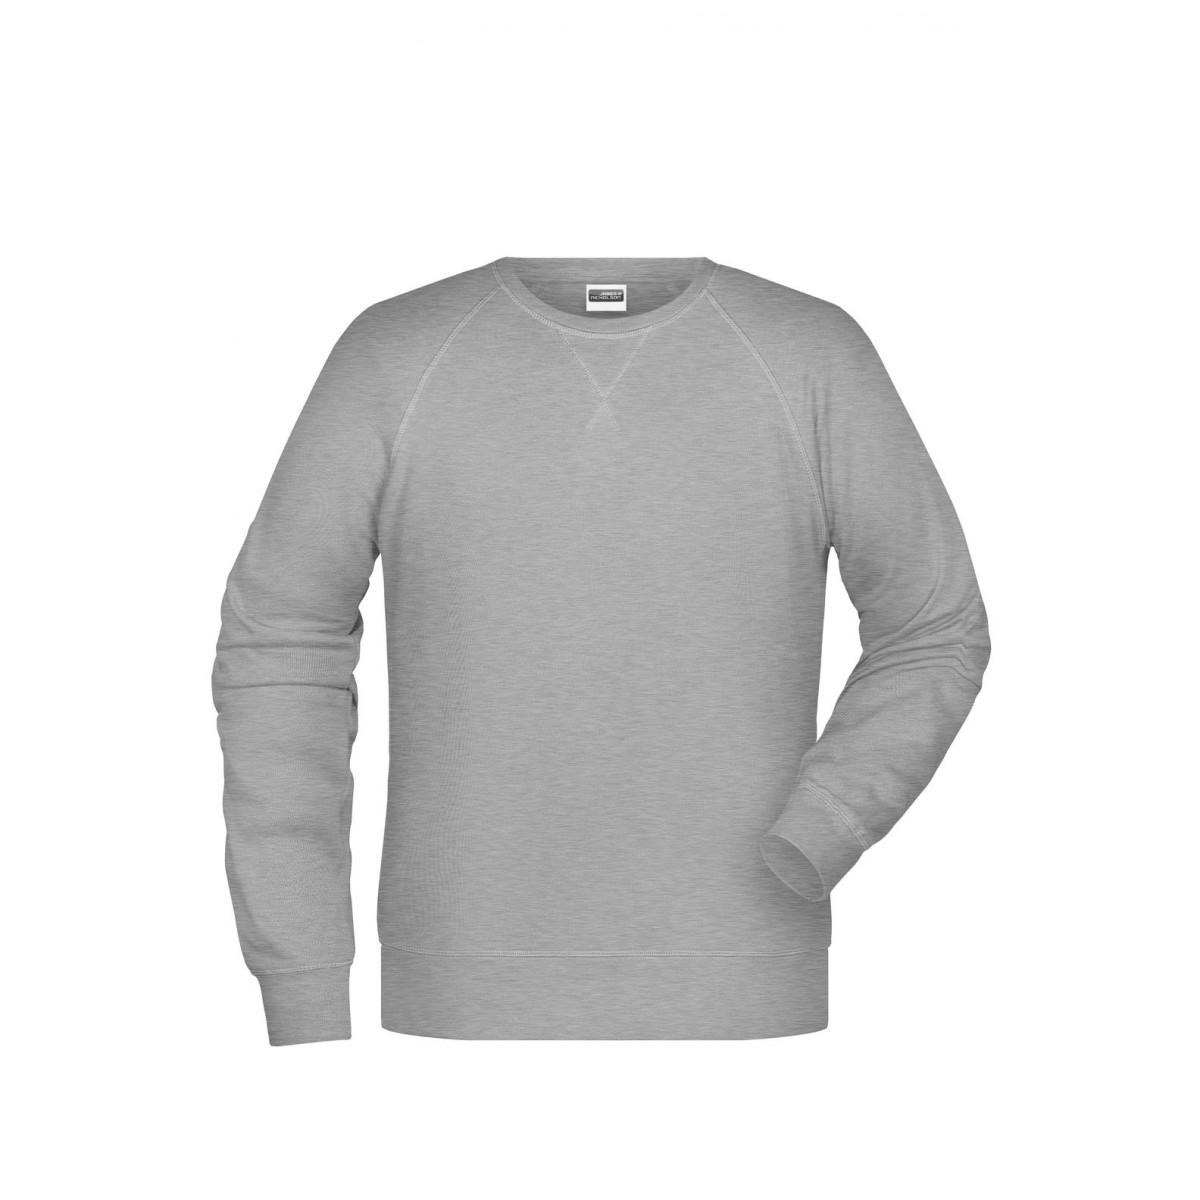 Толстовка мужская 8022 Men´s Sweat - Серый меланж